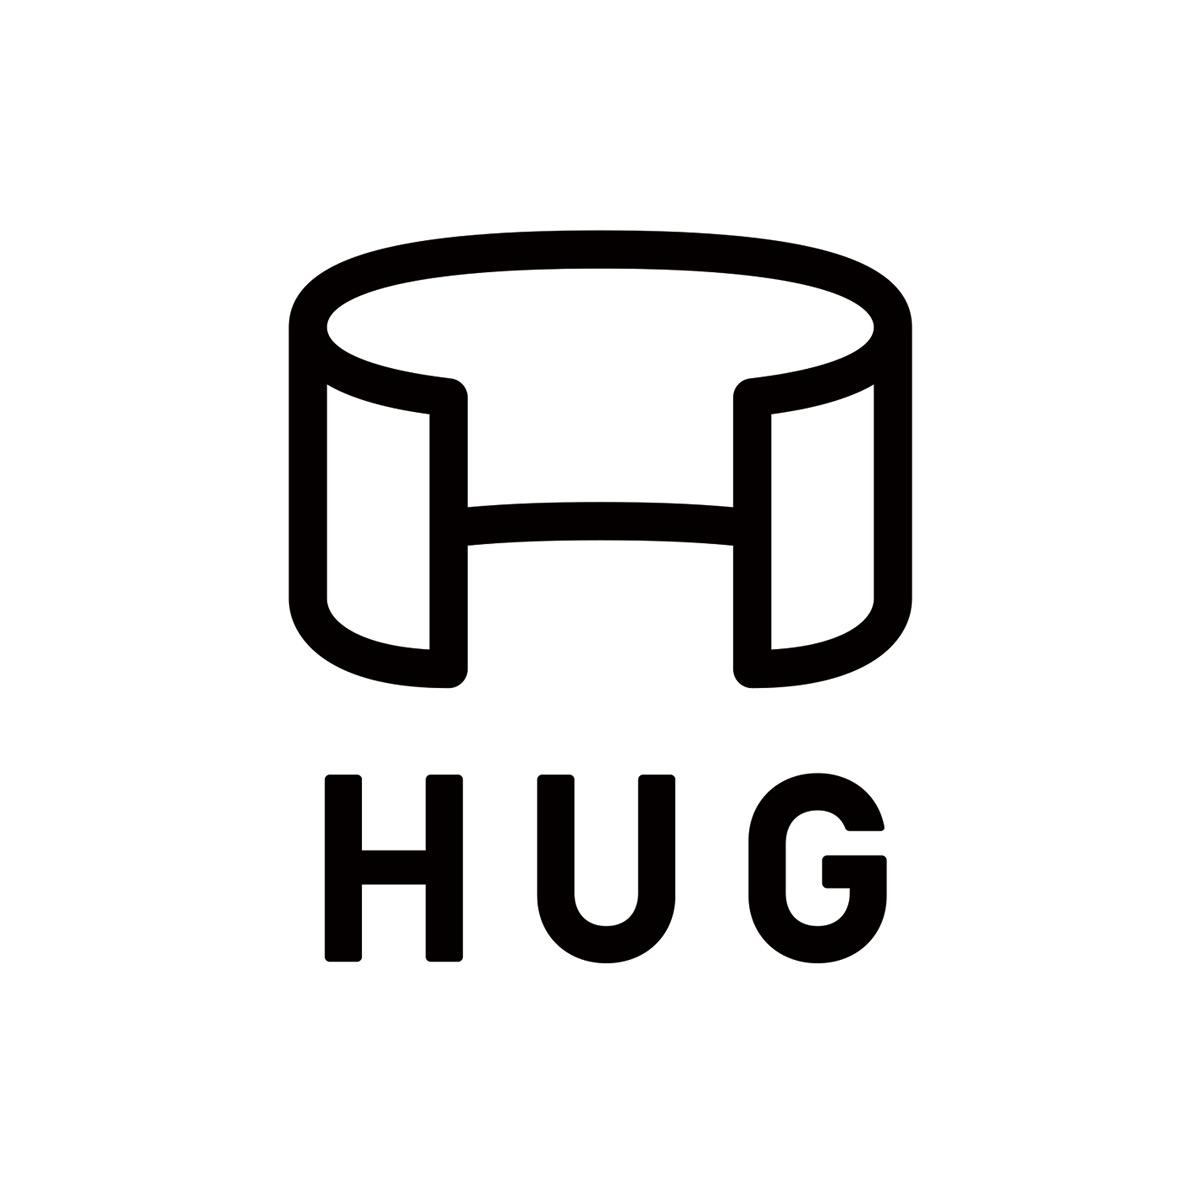 飲食店やホテルなどの制服やタオルを抗菌・抗ウイルス加工 オールユアーズ子会社が法人向けサービス「HUG」を始動